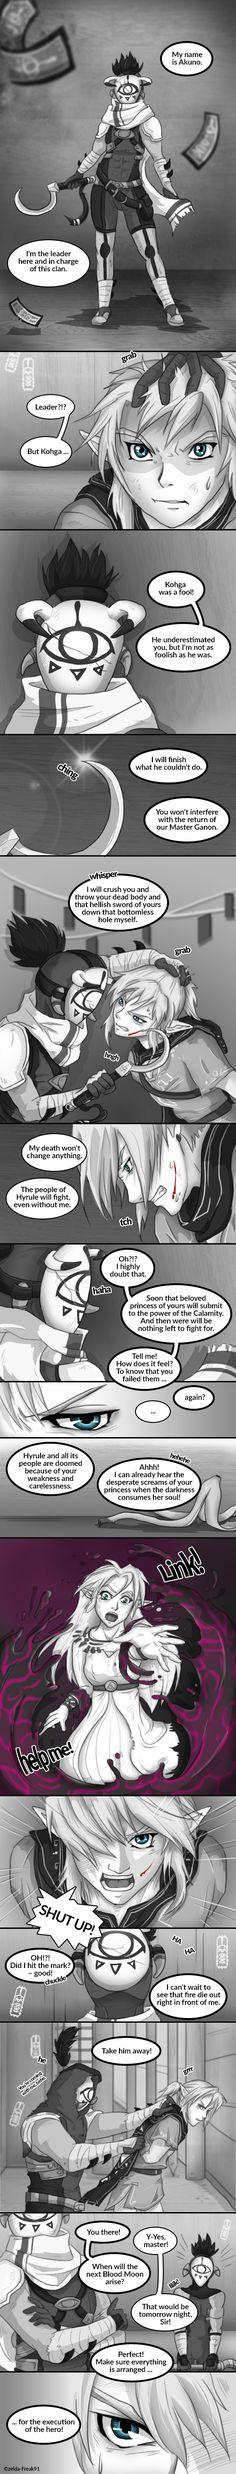 Zelda: Heart of a Champion - 3 by zelda-Freak91